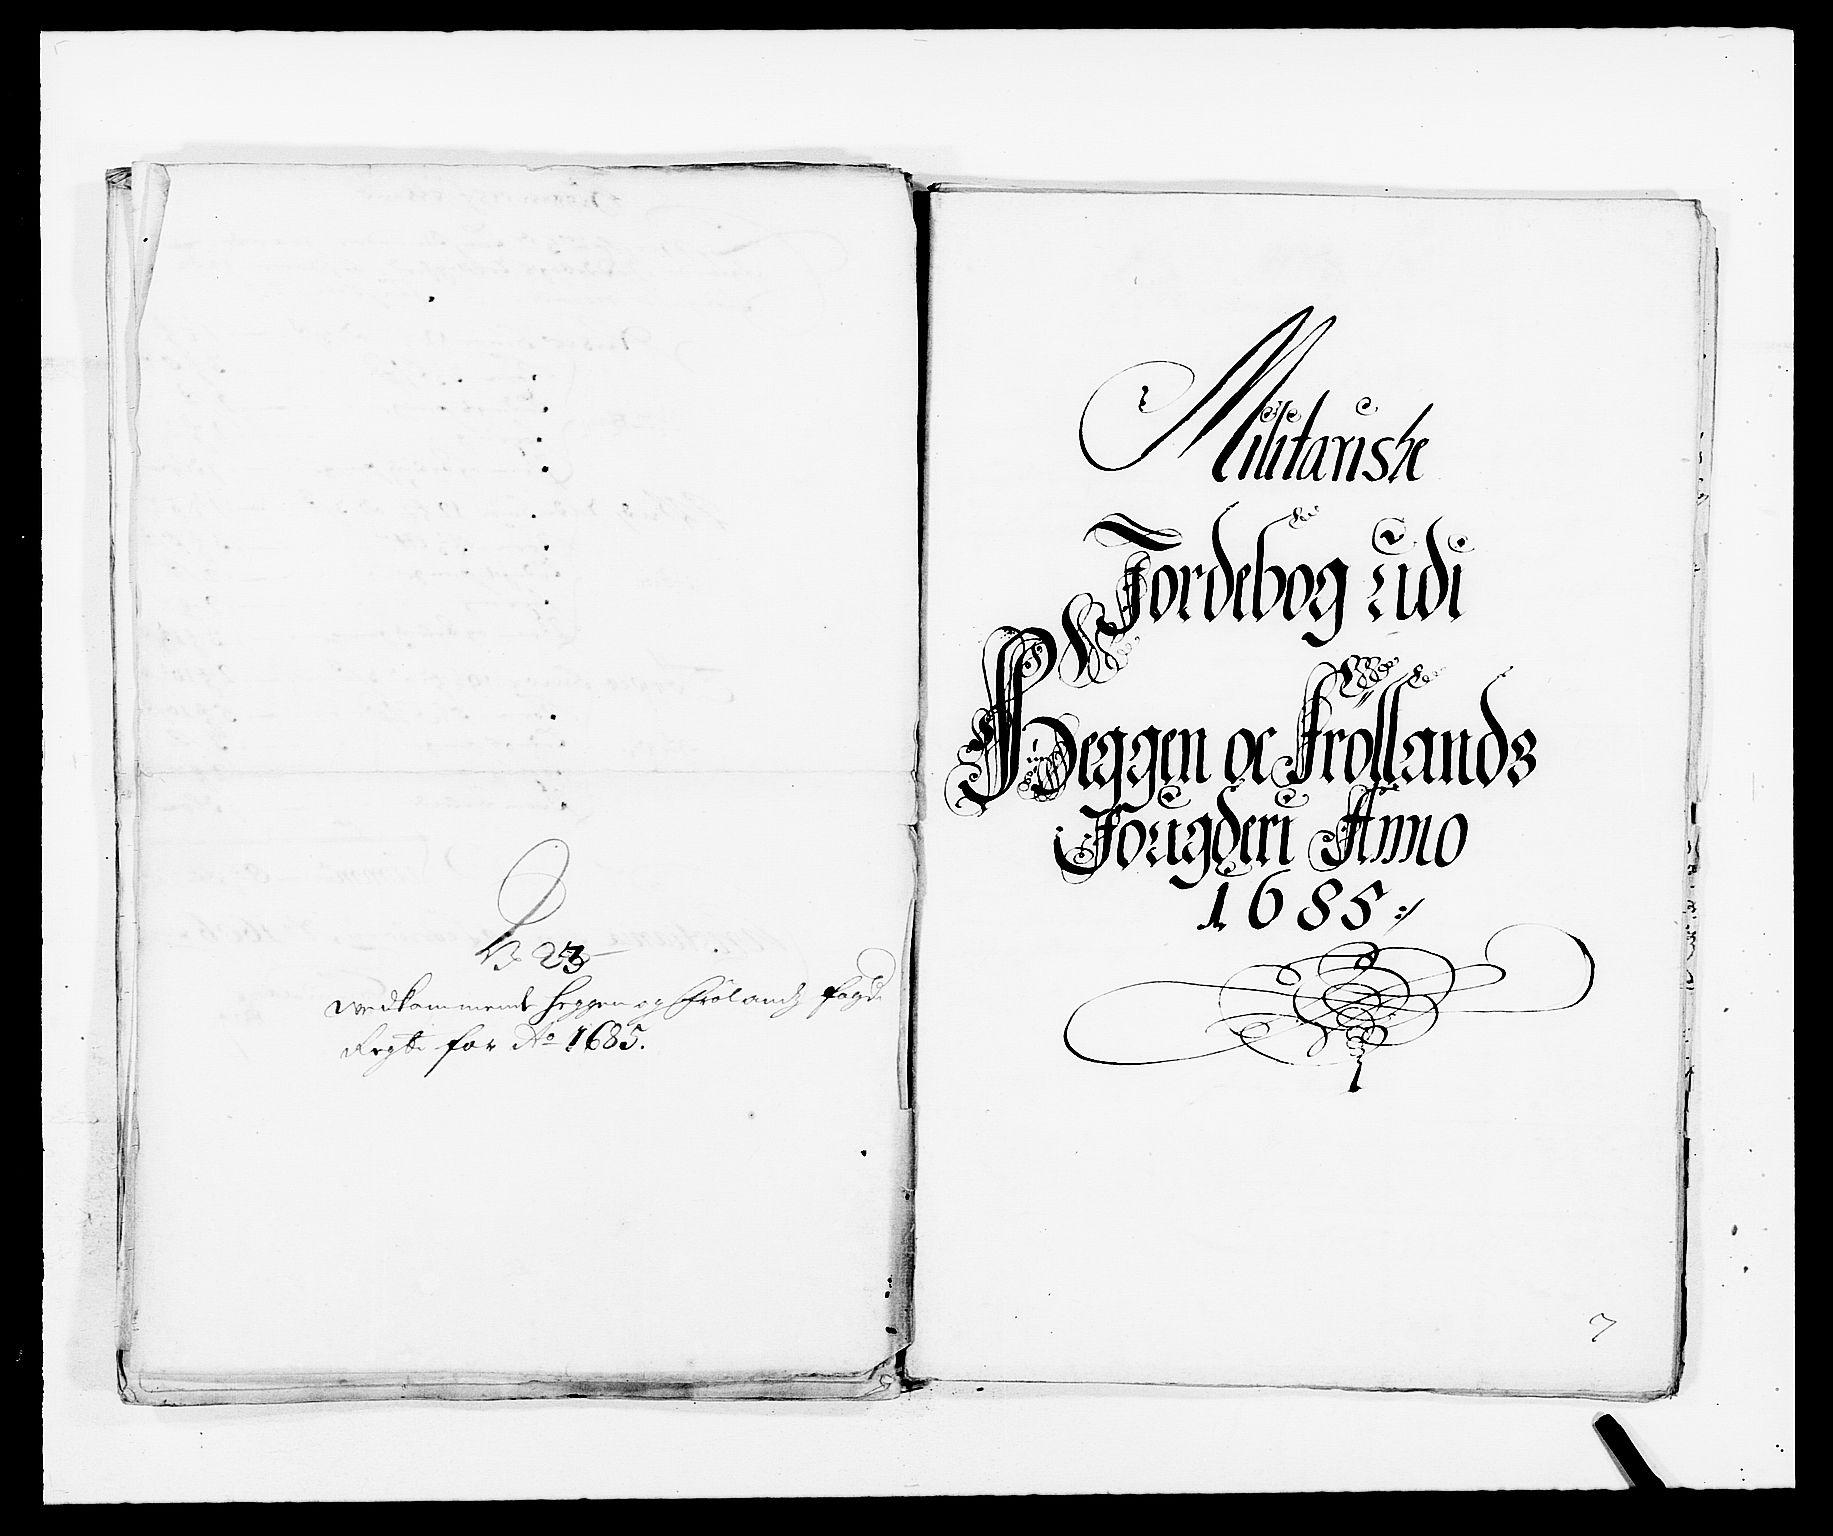 RA, Rentekammeret inntil 1814, Reviderte regnskaper, Fogderegnskap, R06/L0281: Fogderegnskap Heggen og Frøland, 1678-1686, s. 238